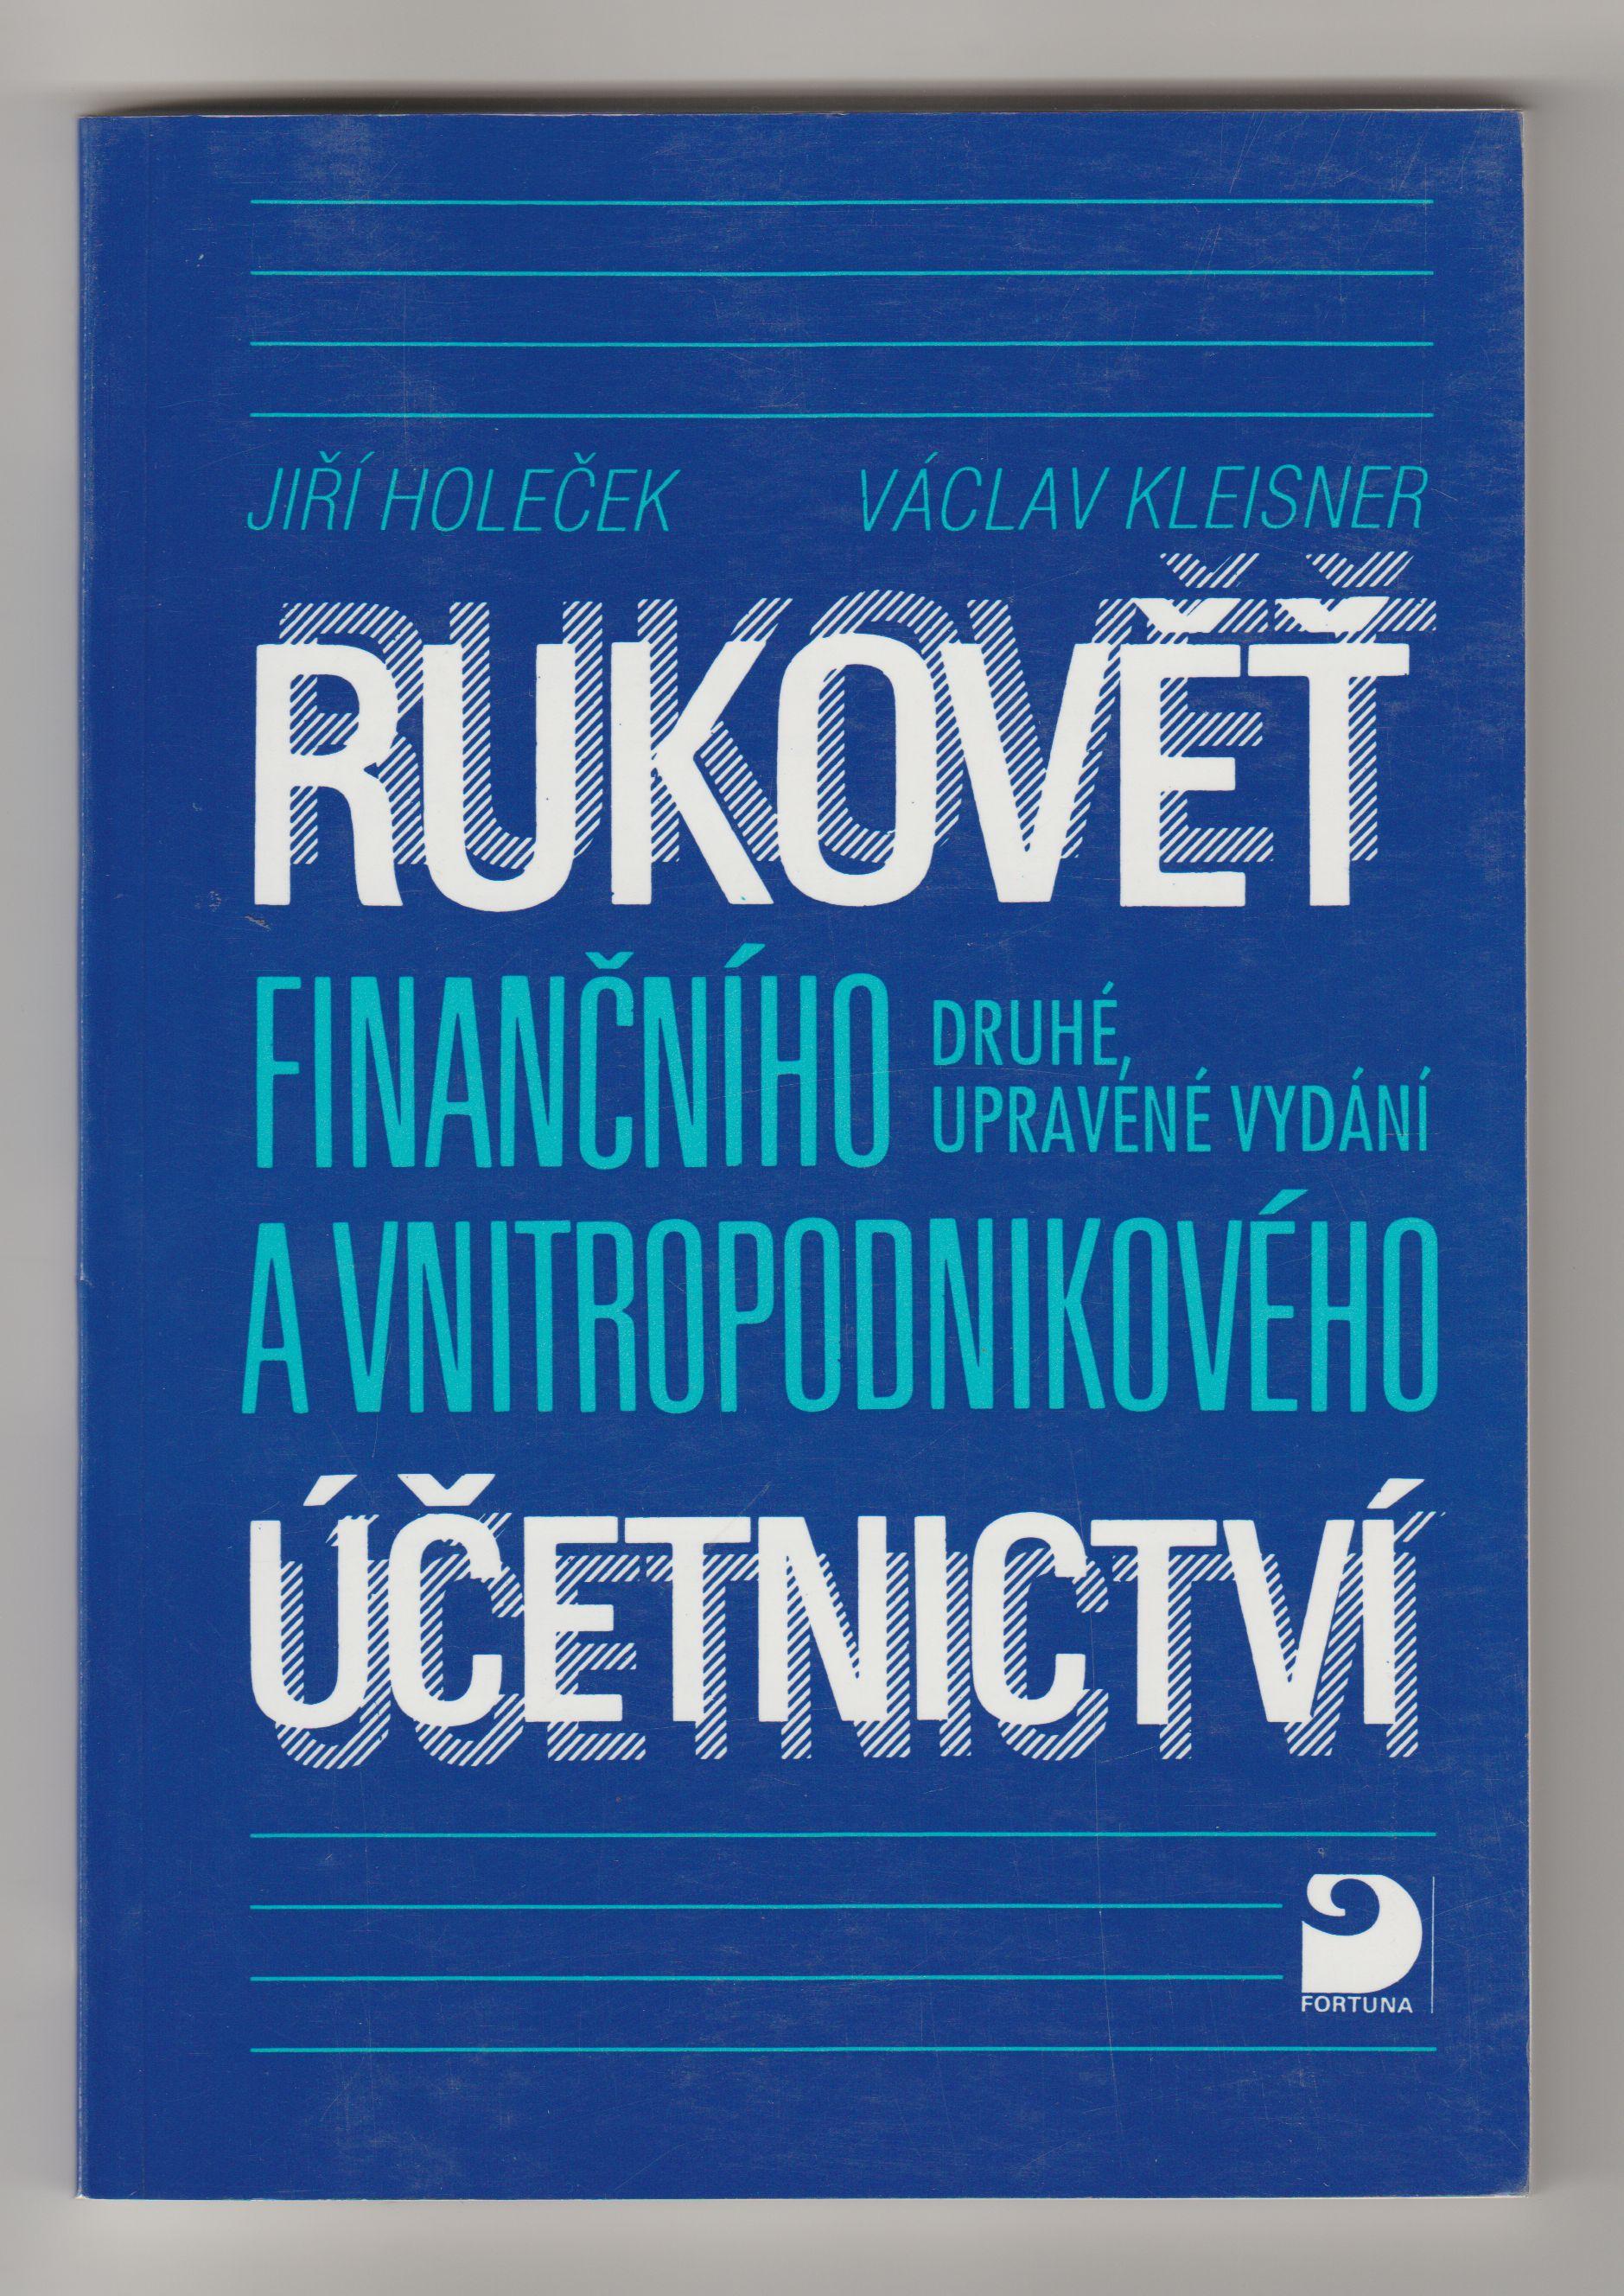 Rukověť finančního a vnitropodnikového účetnictví - Jiří Holeček,Václav Kleisner